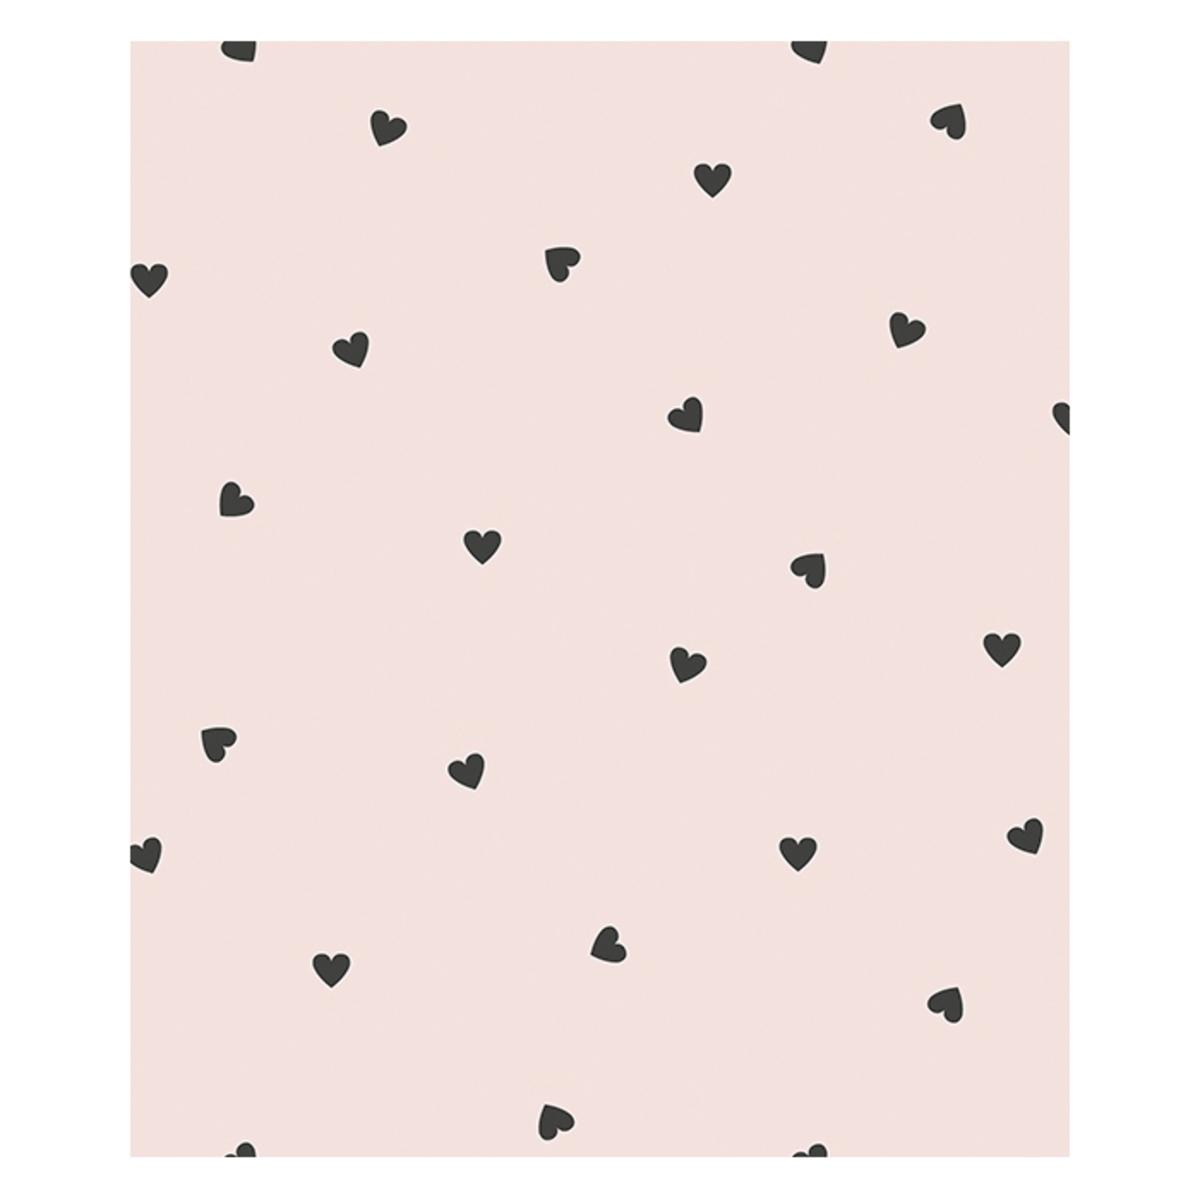 Papier peint Papier Peint Minima - Rose et Coeurs Noirs Papier Peint Minima - Rose et Coeurs Noirs